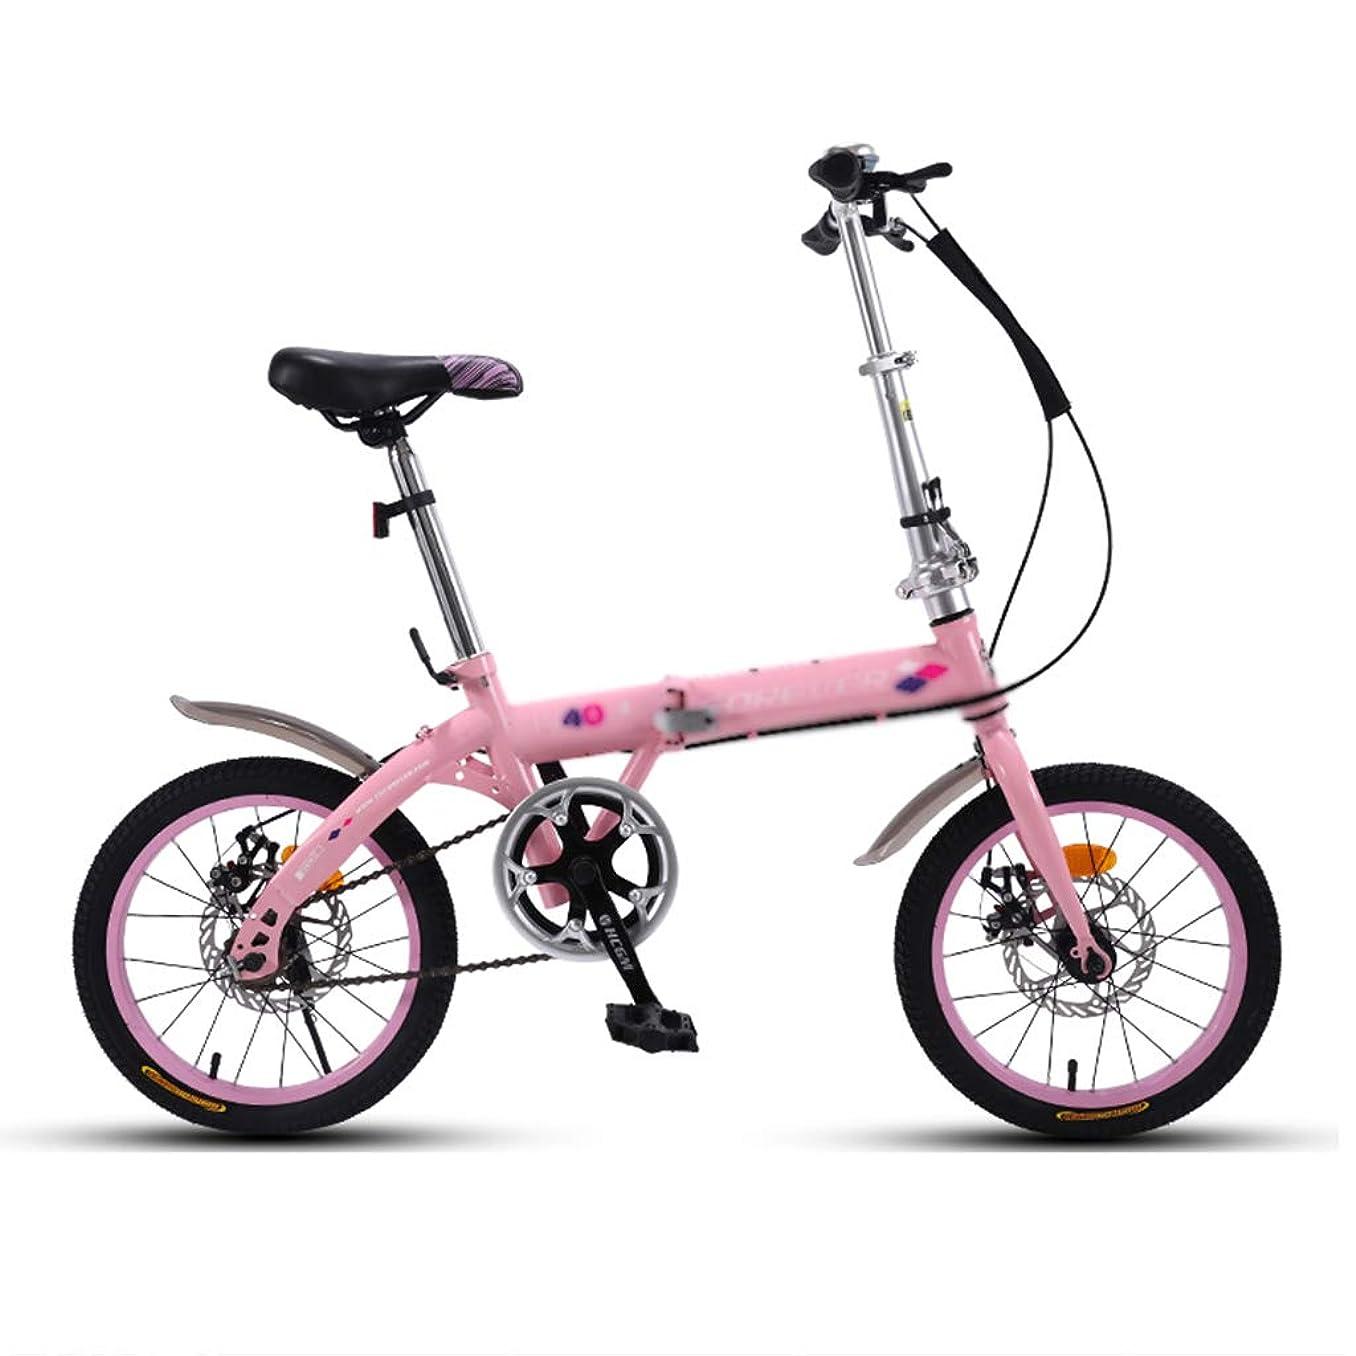 進行中探す受賞子供用折りたたみ式マウンテンバイクは、どこにでも簡単に折りたたむことができ、前後にダブルディスクブレーキをかけることができます。